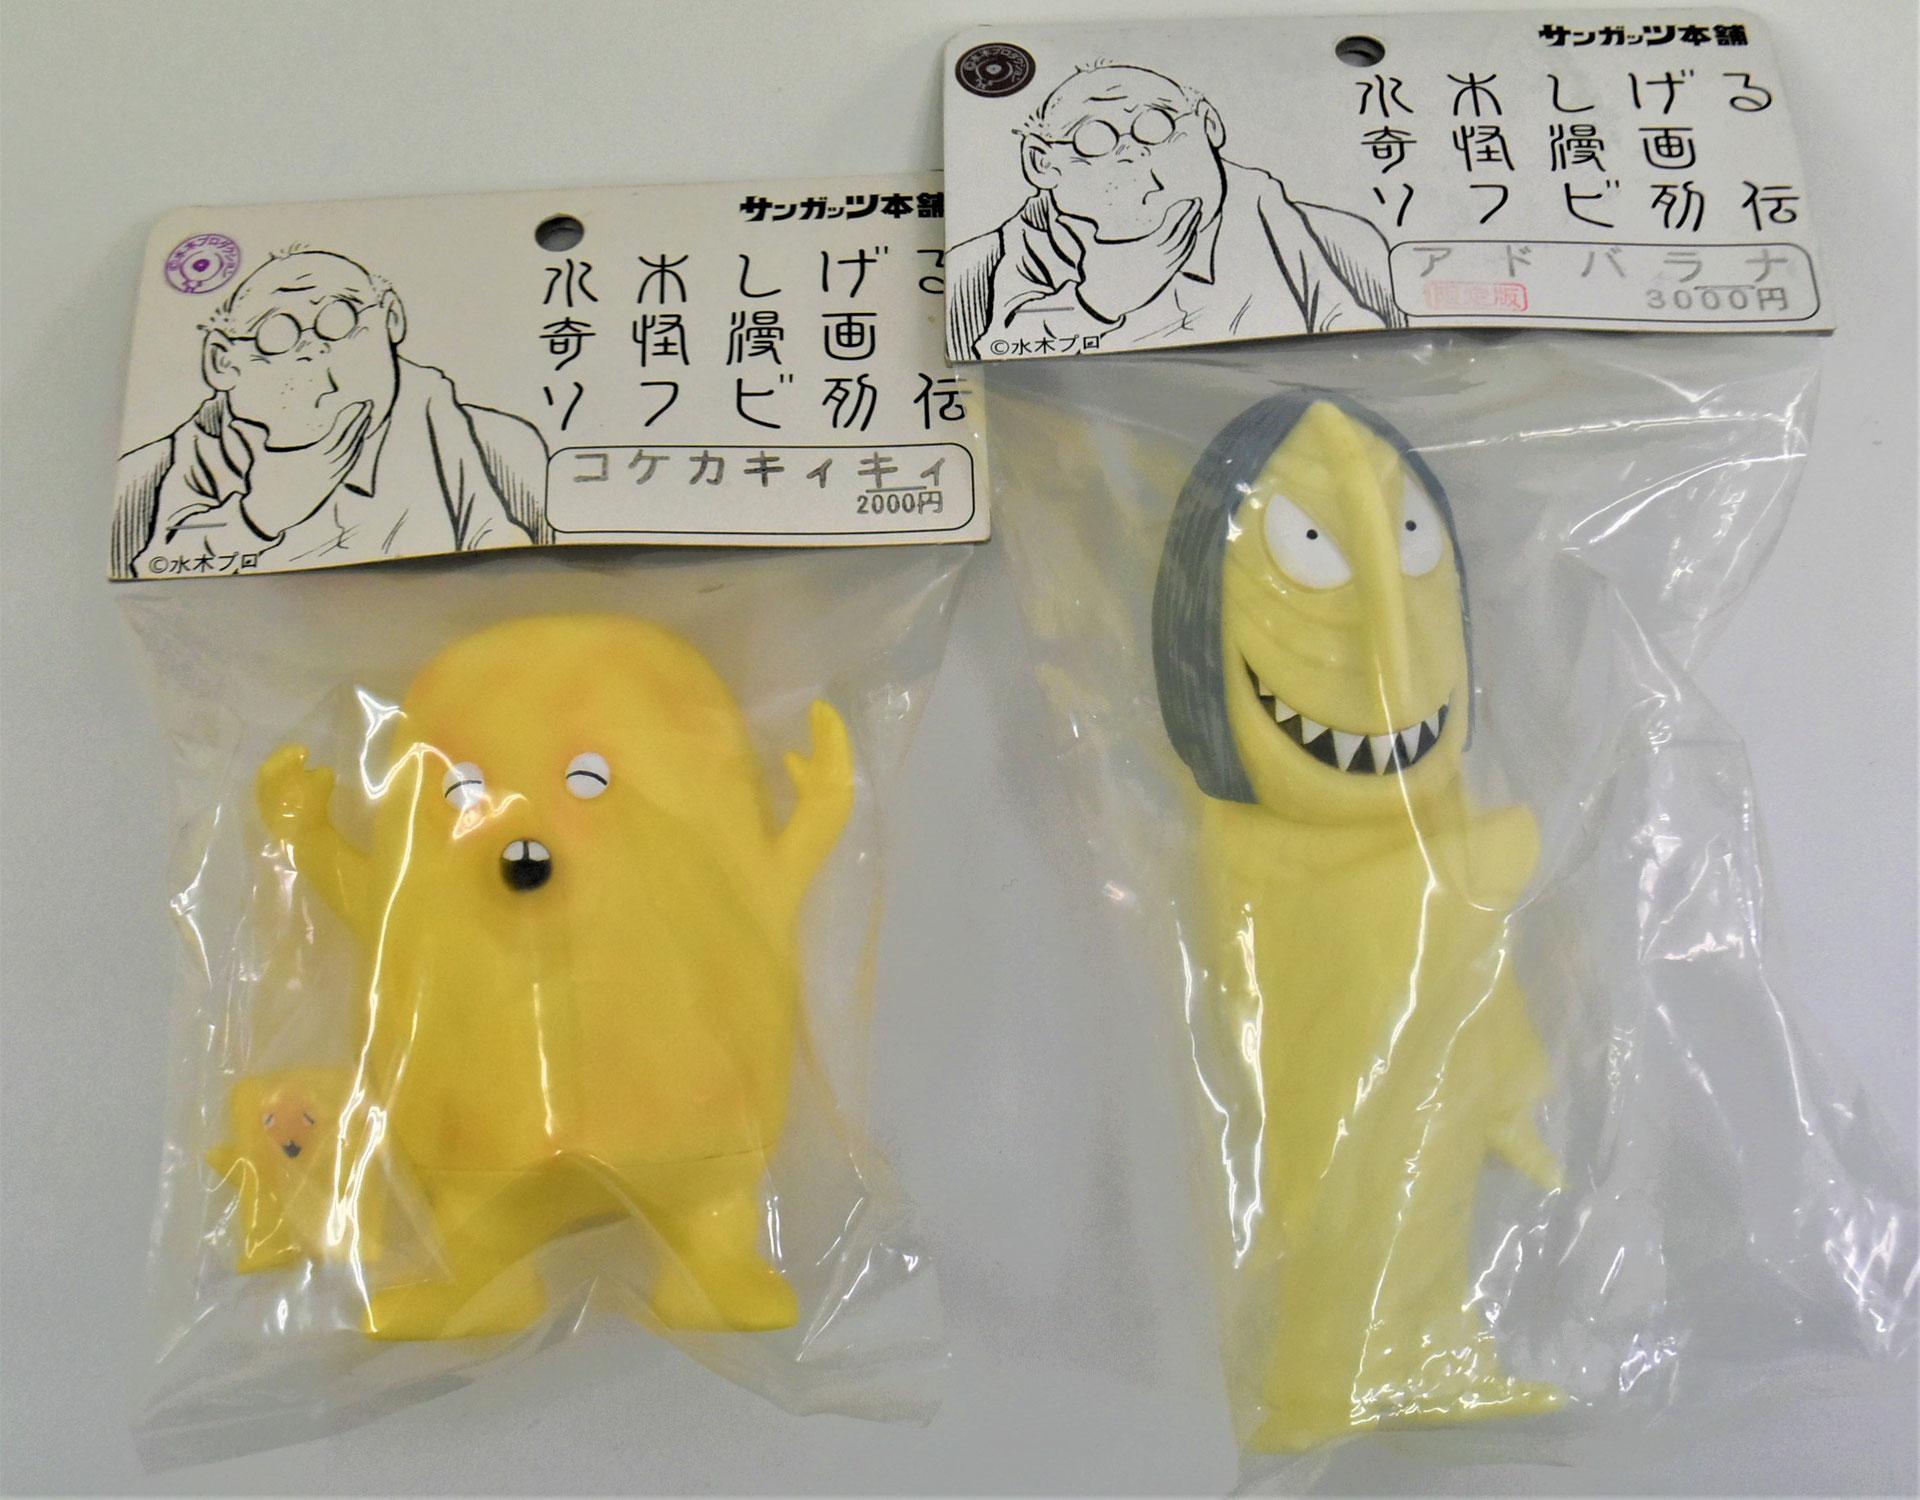 巡寶堂イオン伊勢原店 レトロ玩具 ソフビ人形 妖怪フィギュア お買取りしました♪